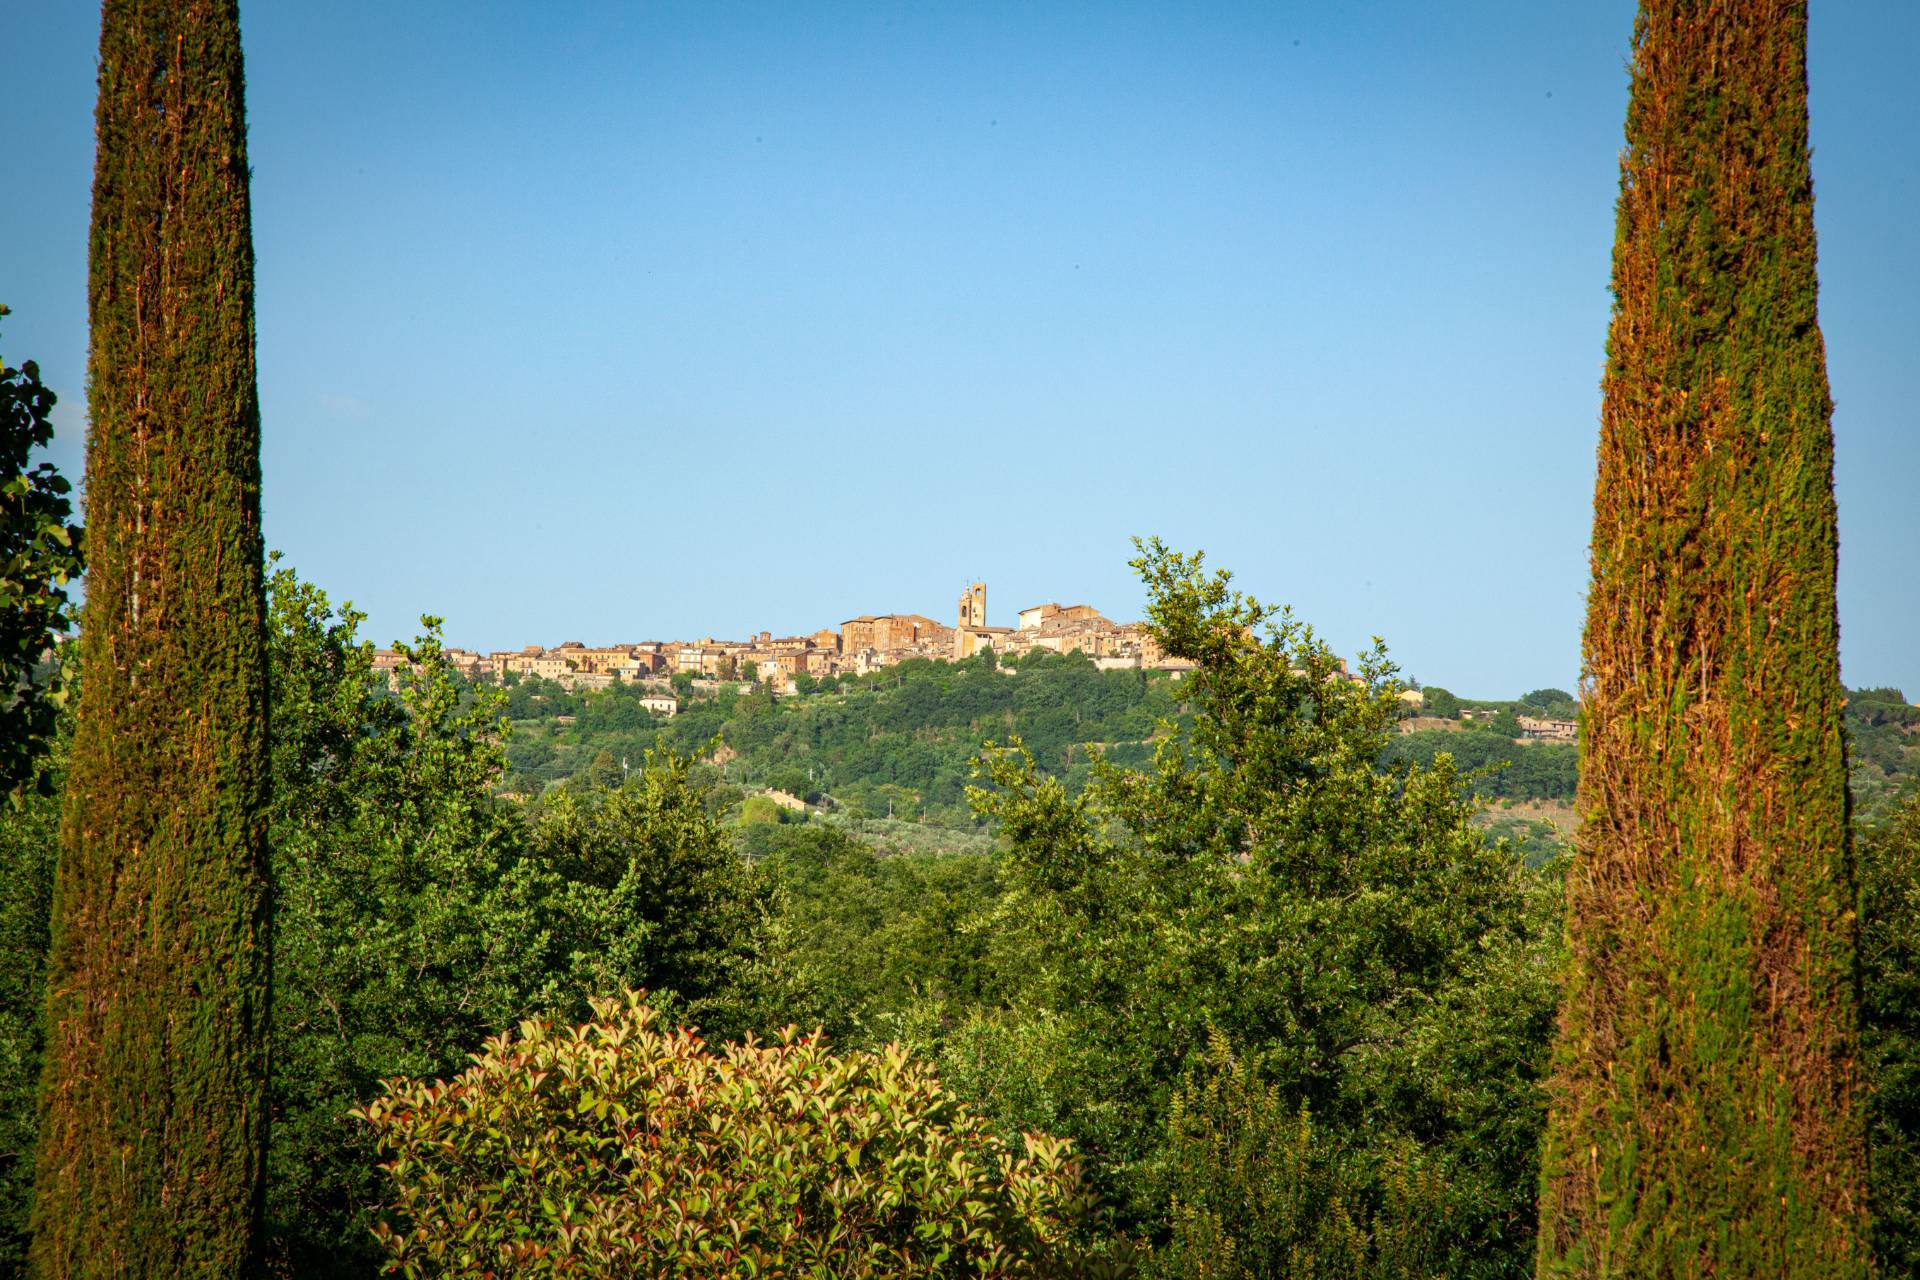 Villa in Vendita a Citta' Della Pieve: 5 locali, 300 mq - Foto 20